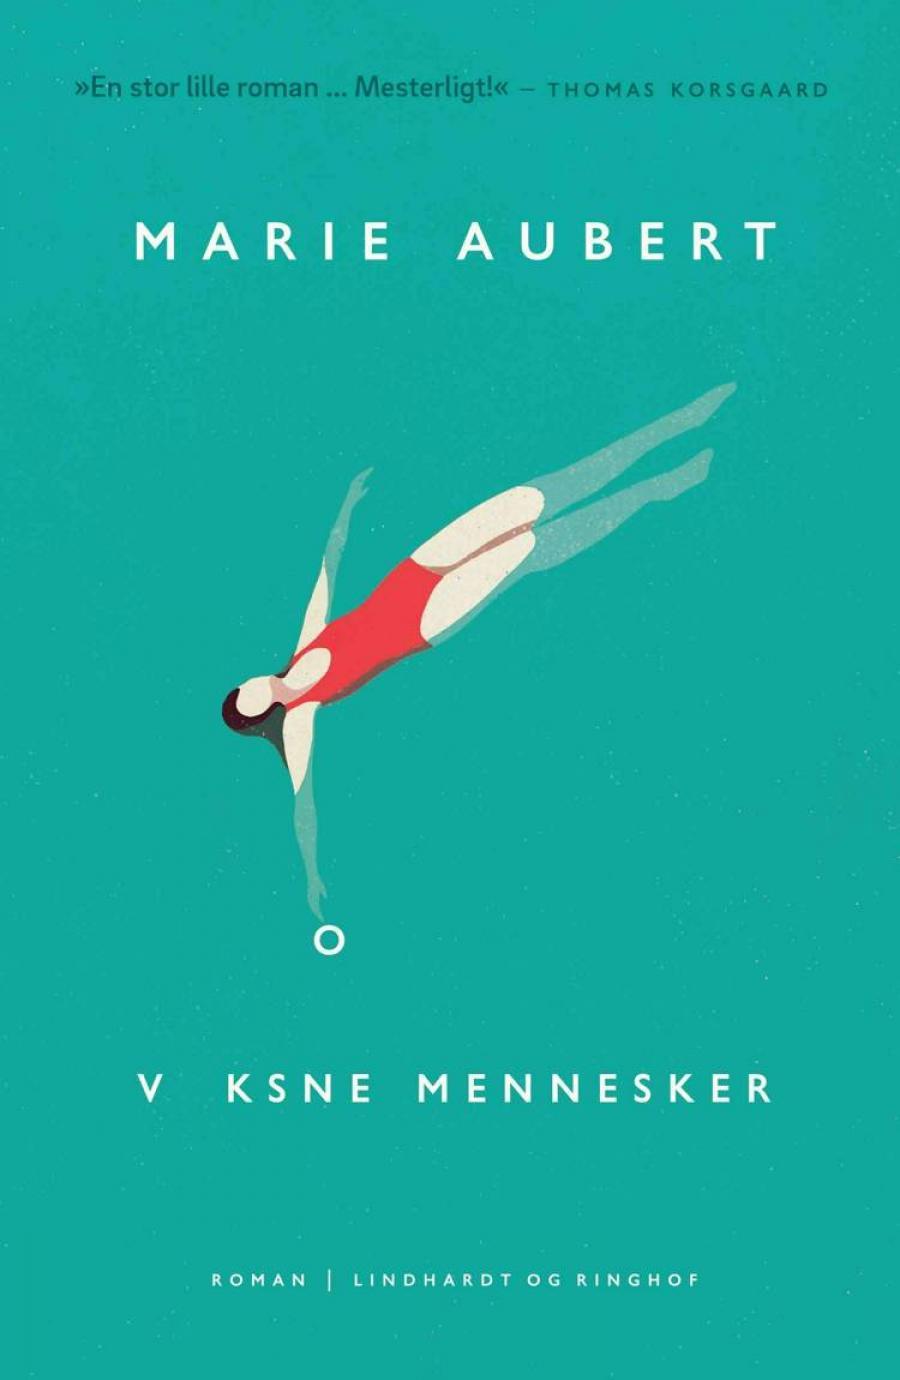 Voksne mennesker af Marie Aubert